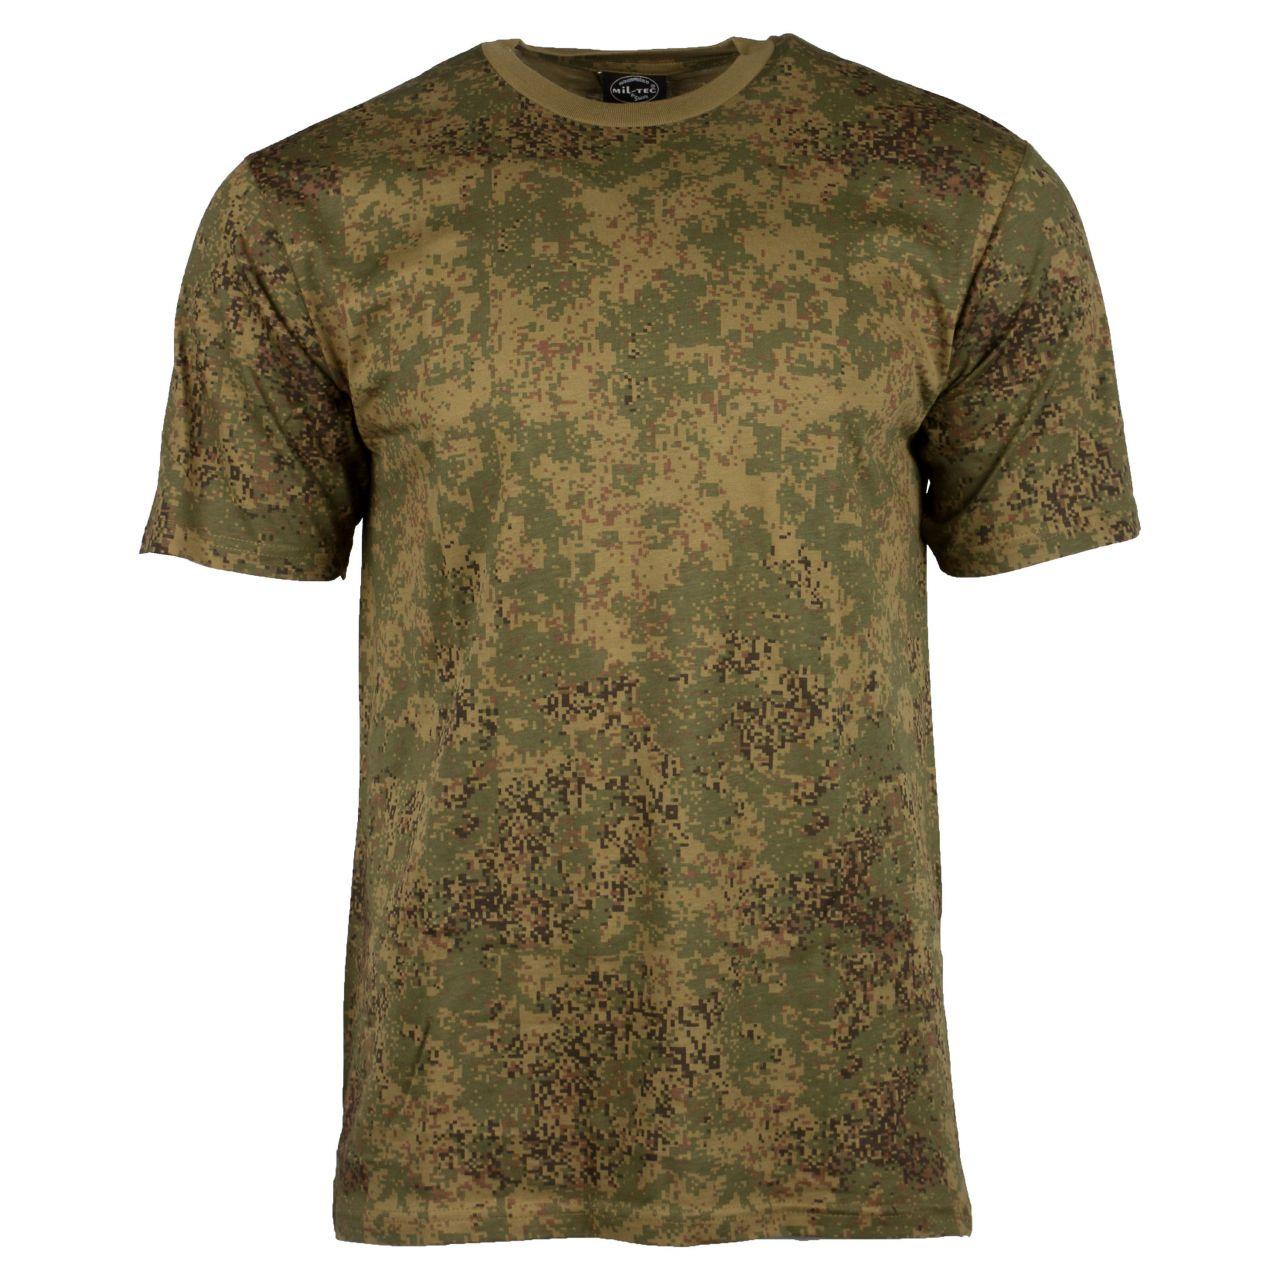 Camiseta rusa digital camo